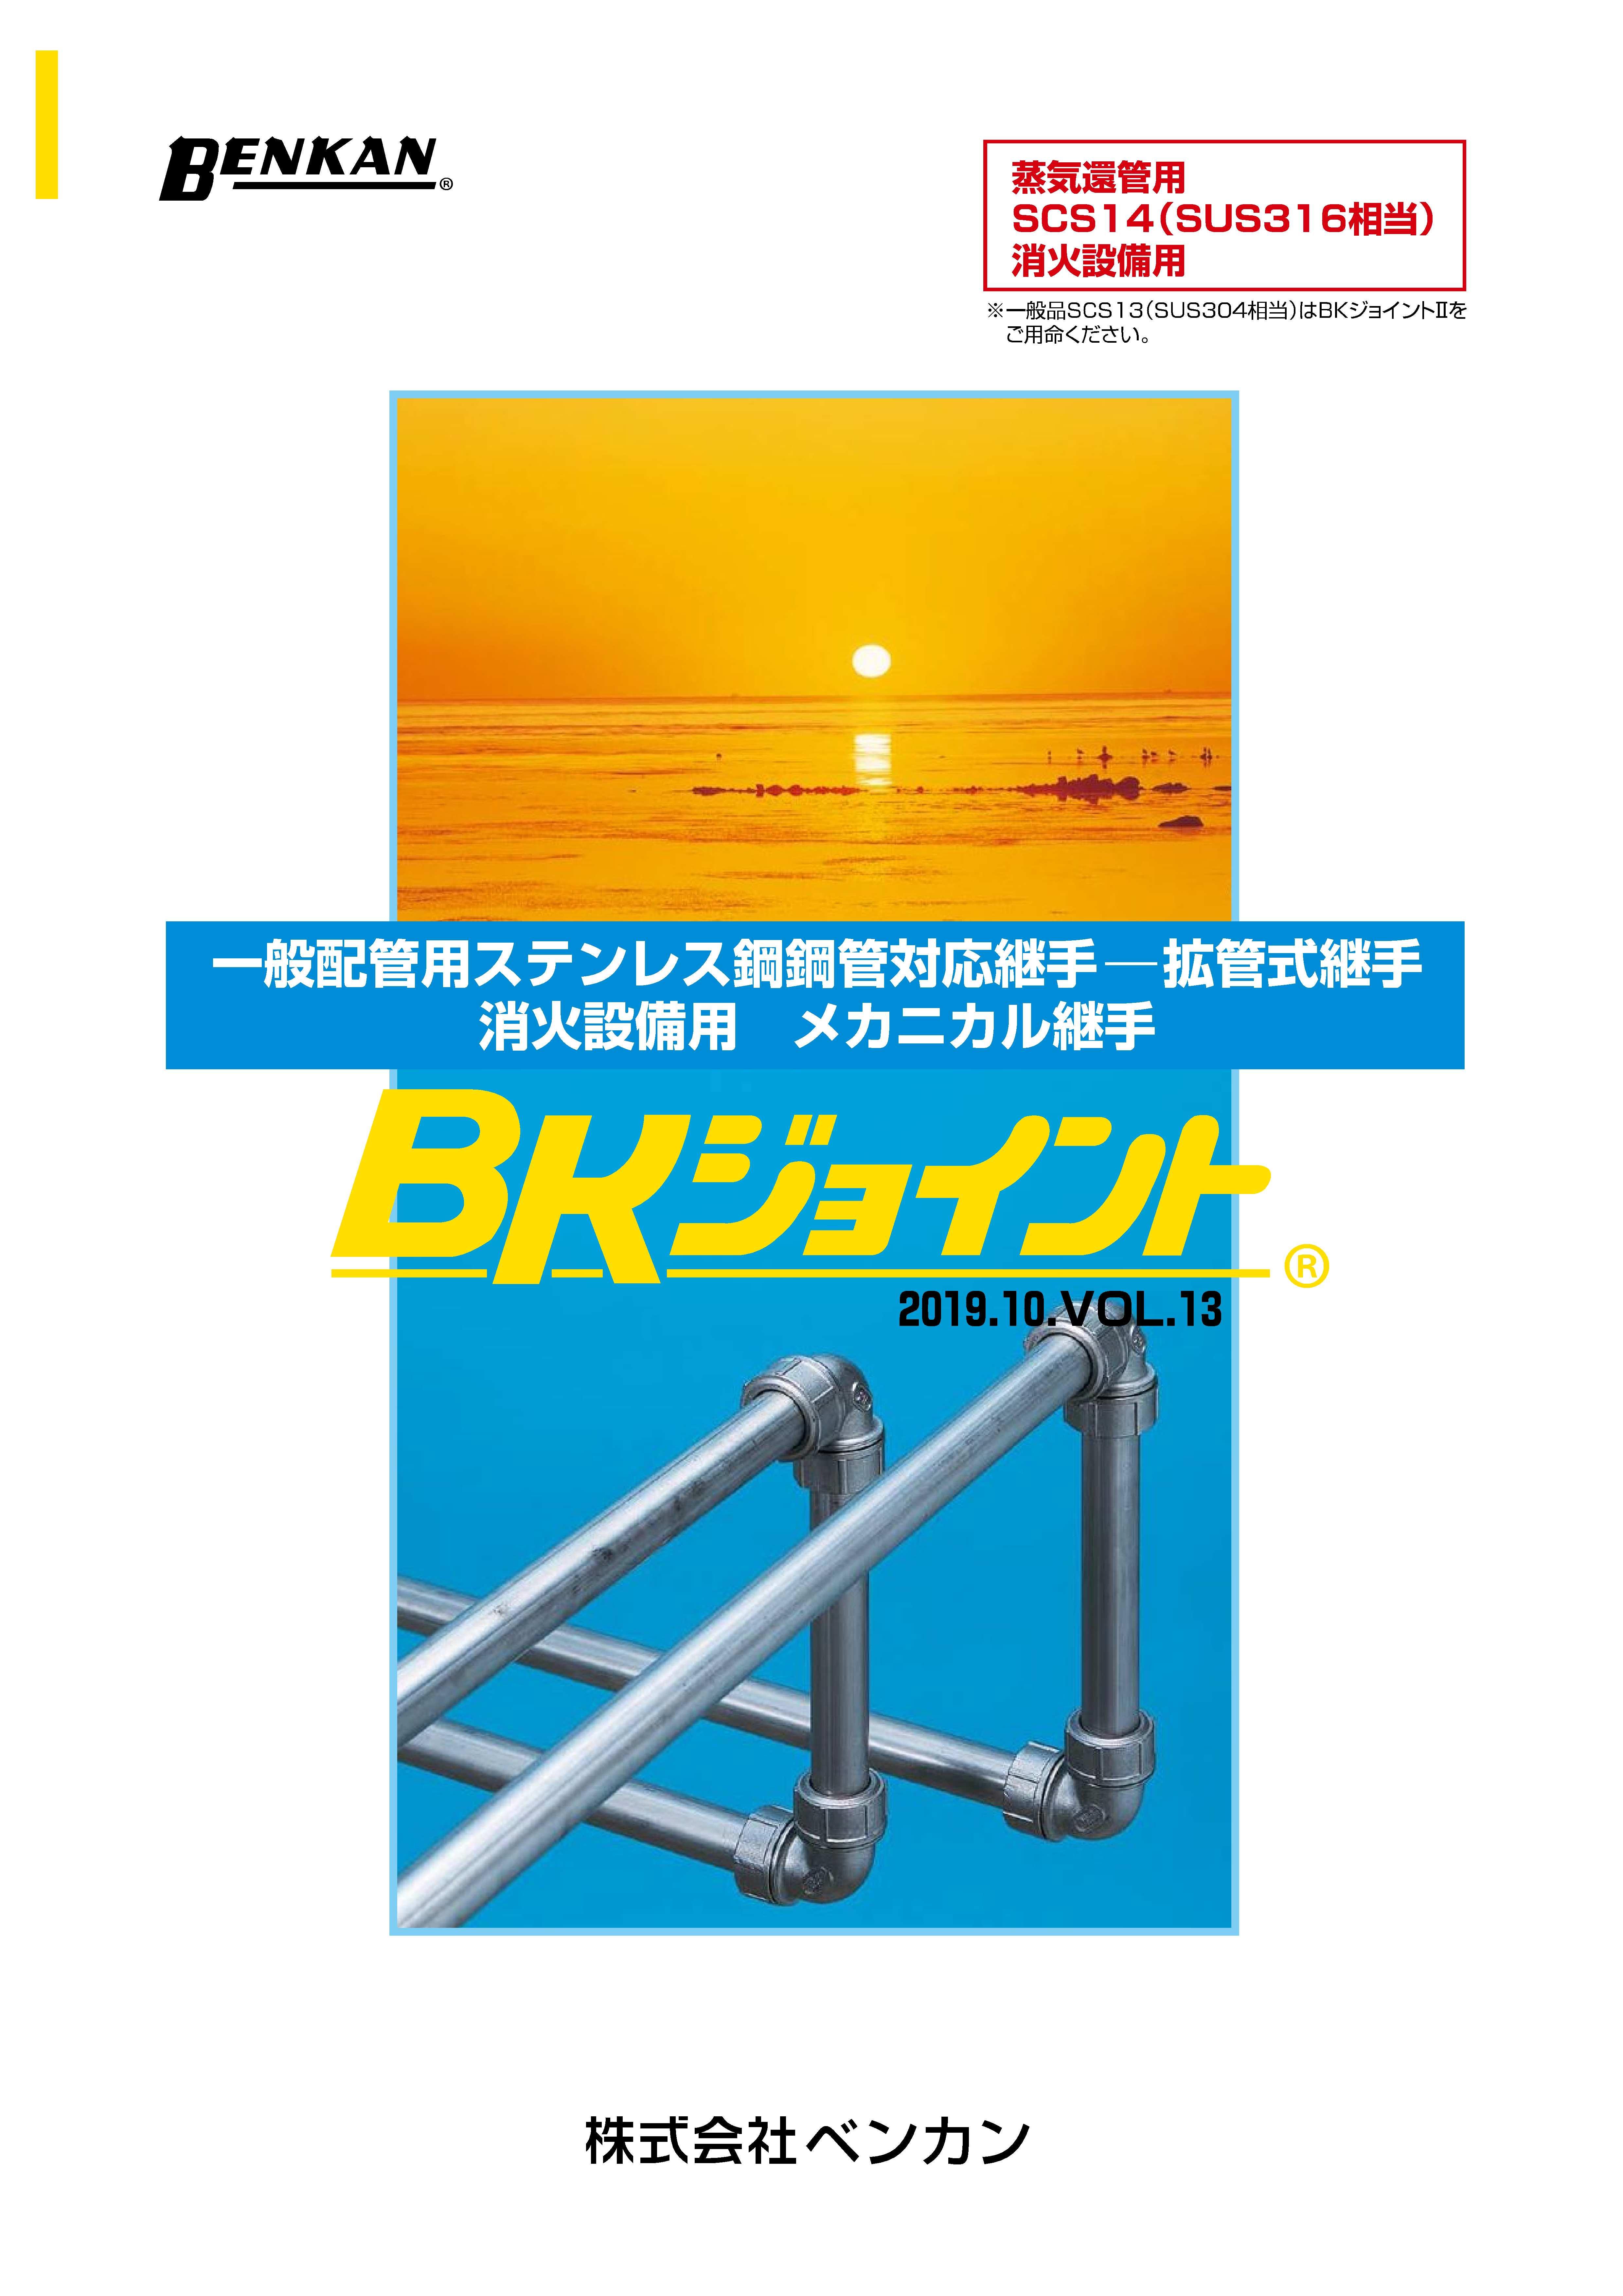 [画像]BKジョイントカタログイメージ